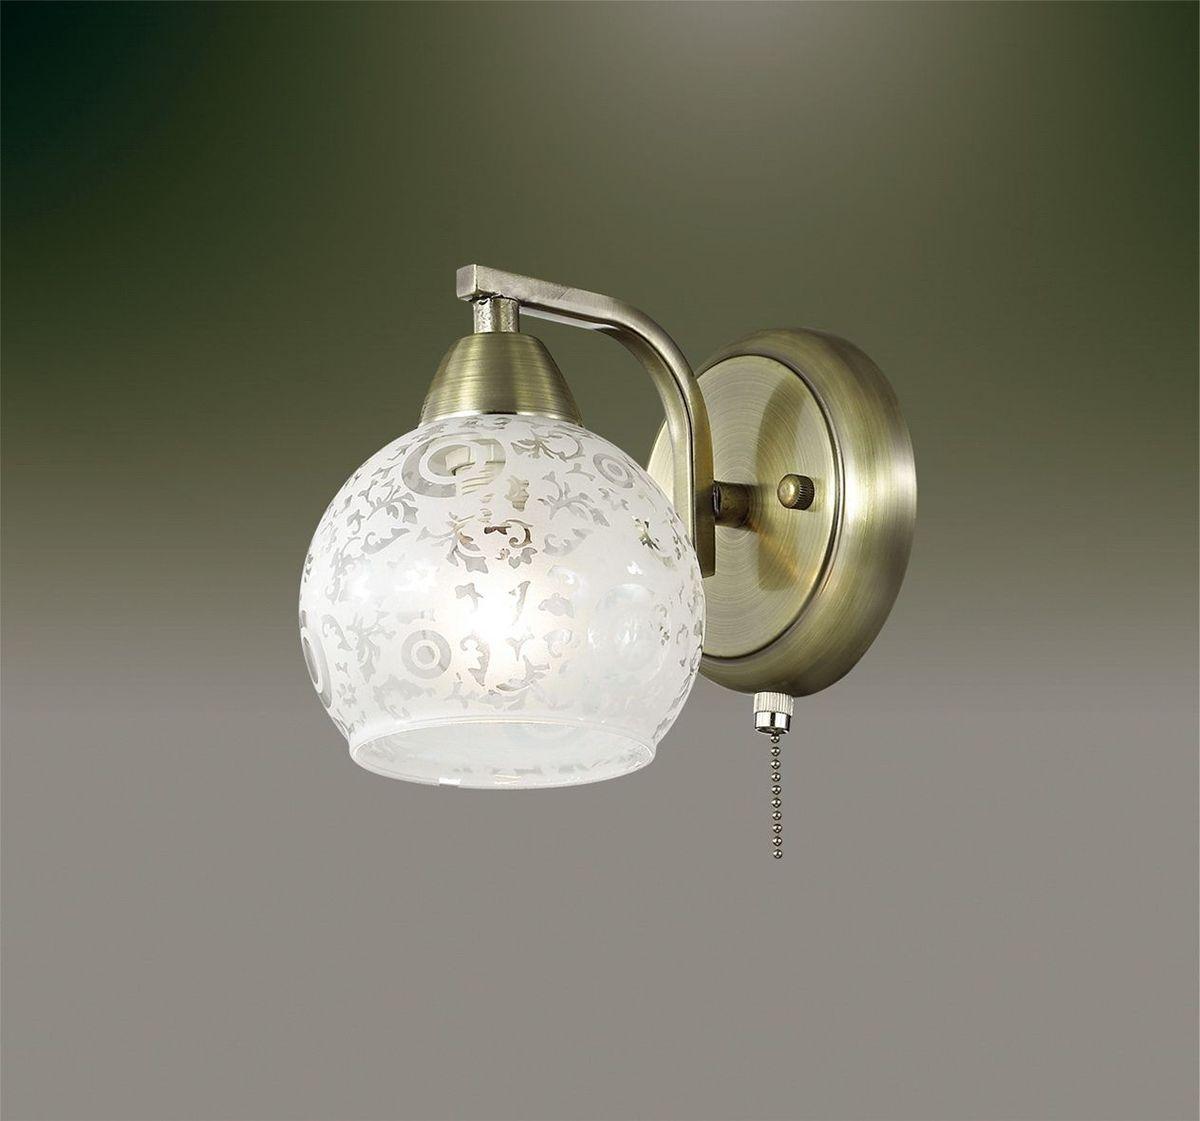 Бра Odeon Light Girona, 1 х E14, 60W. 2942/1W2942/1W